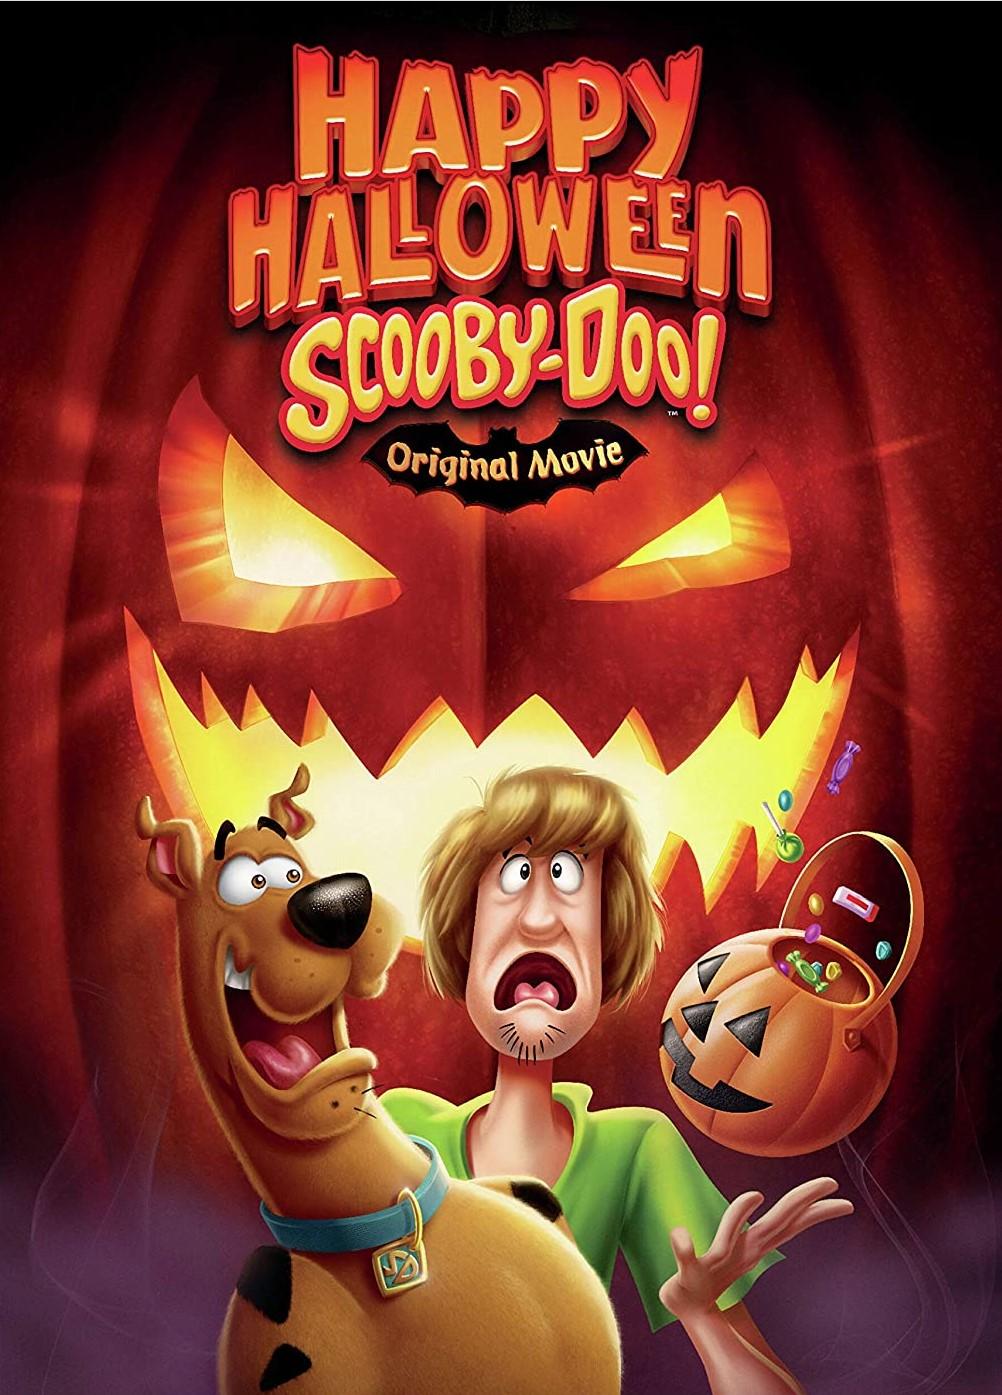 Watch Movie Happy Halloween, Scooby-Doo!